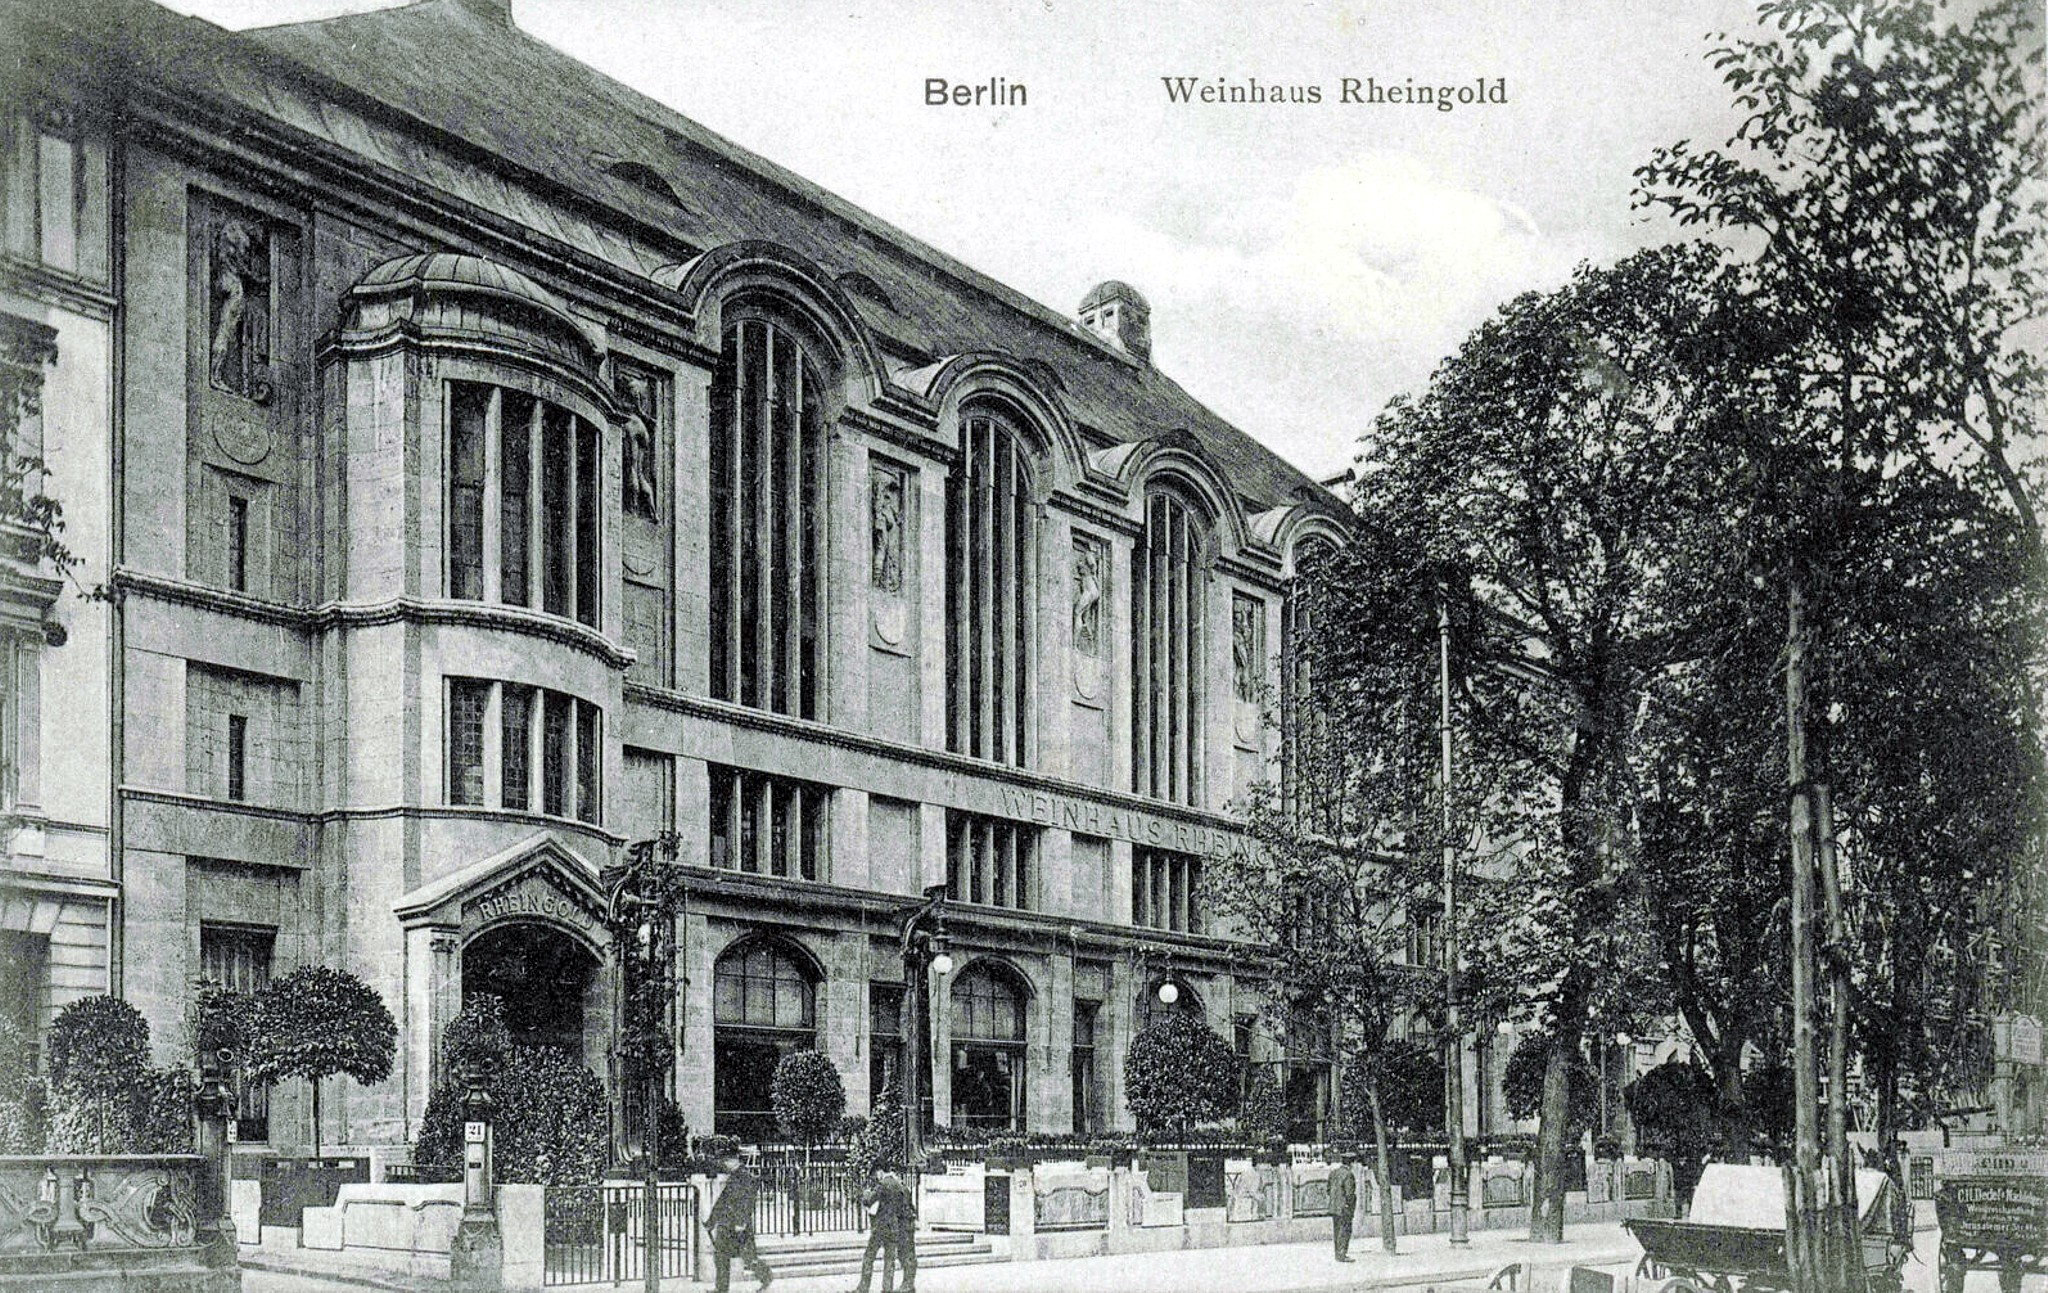 Berlin 1910, Weinhaus Rheingold